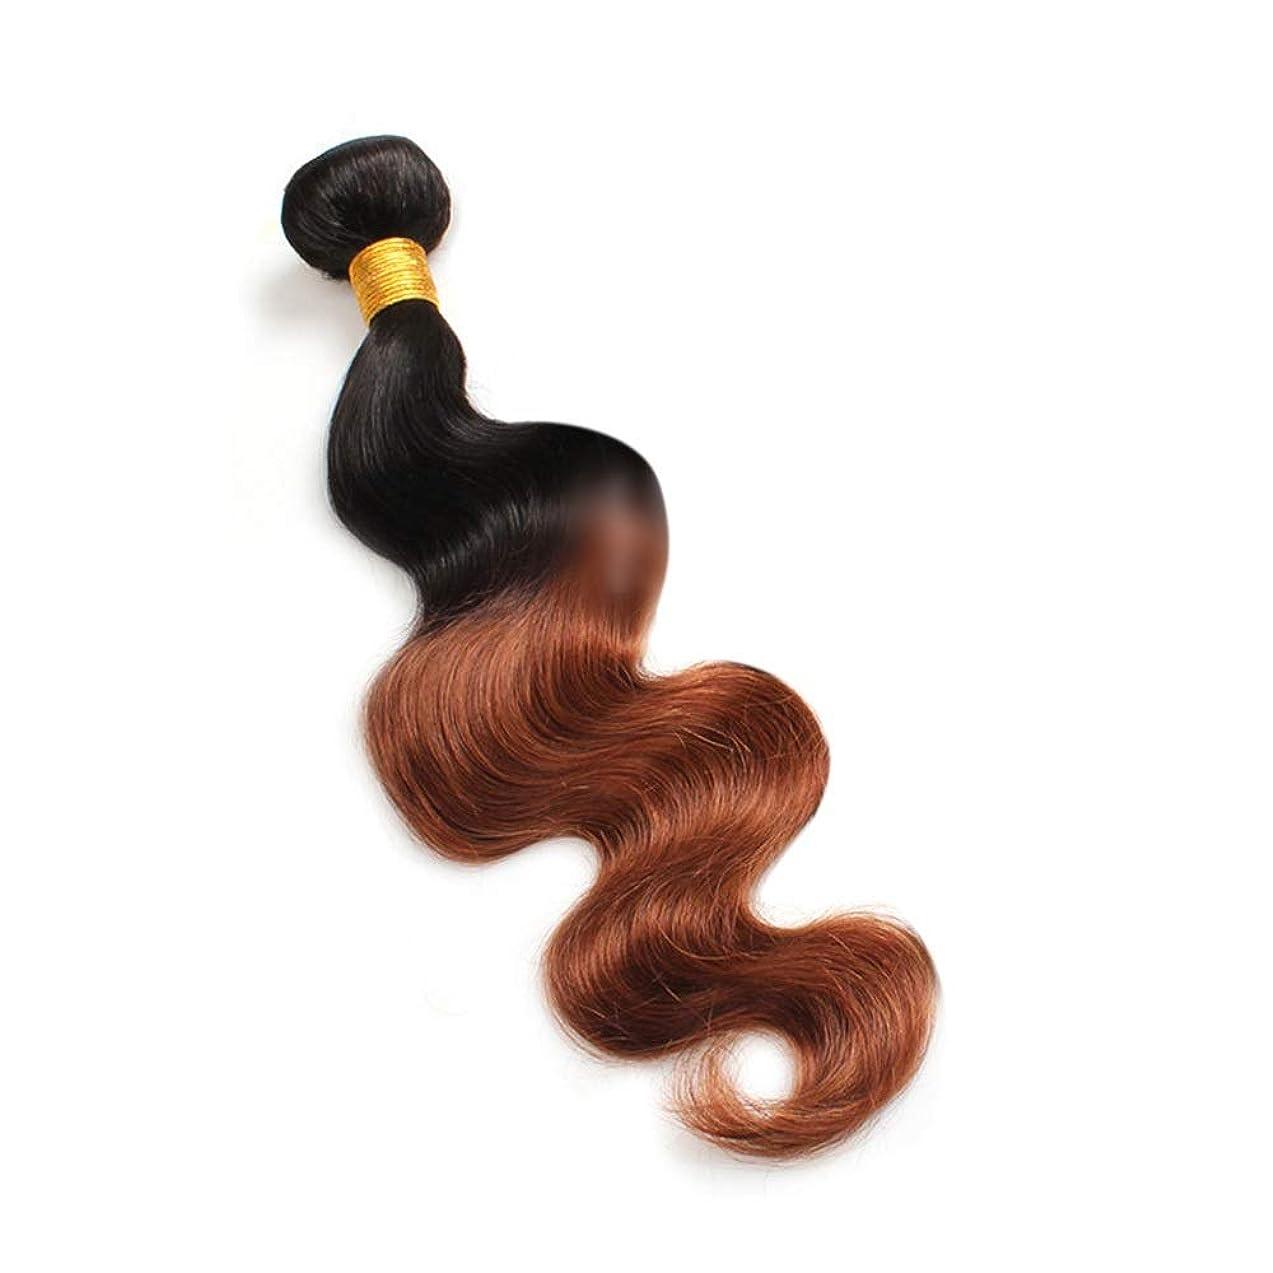 既婚ワンダー放送Yrattary 実体波人間の髪の毛1バンドルナチュラルヘアエクステンション横糸 - 1B / 30#黒と茶色のツートンカラー(100g / 1バンドル)合成髪レースかつらロールプレイングかつら長くて短い女性自然 (色 : ブラウン, サイズ : 24 inch)